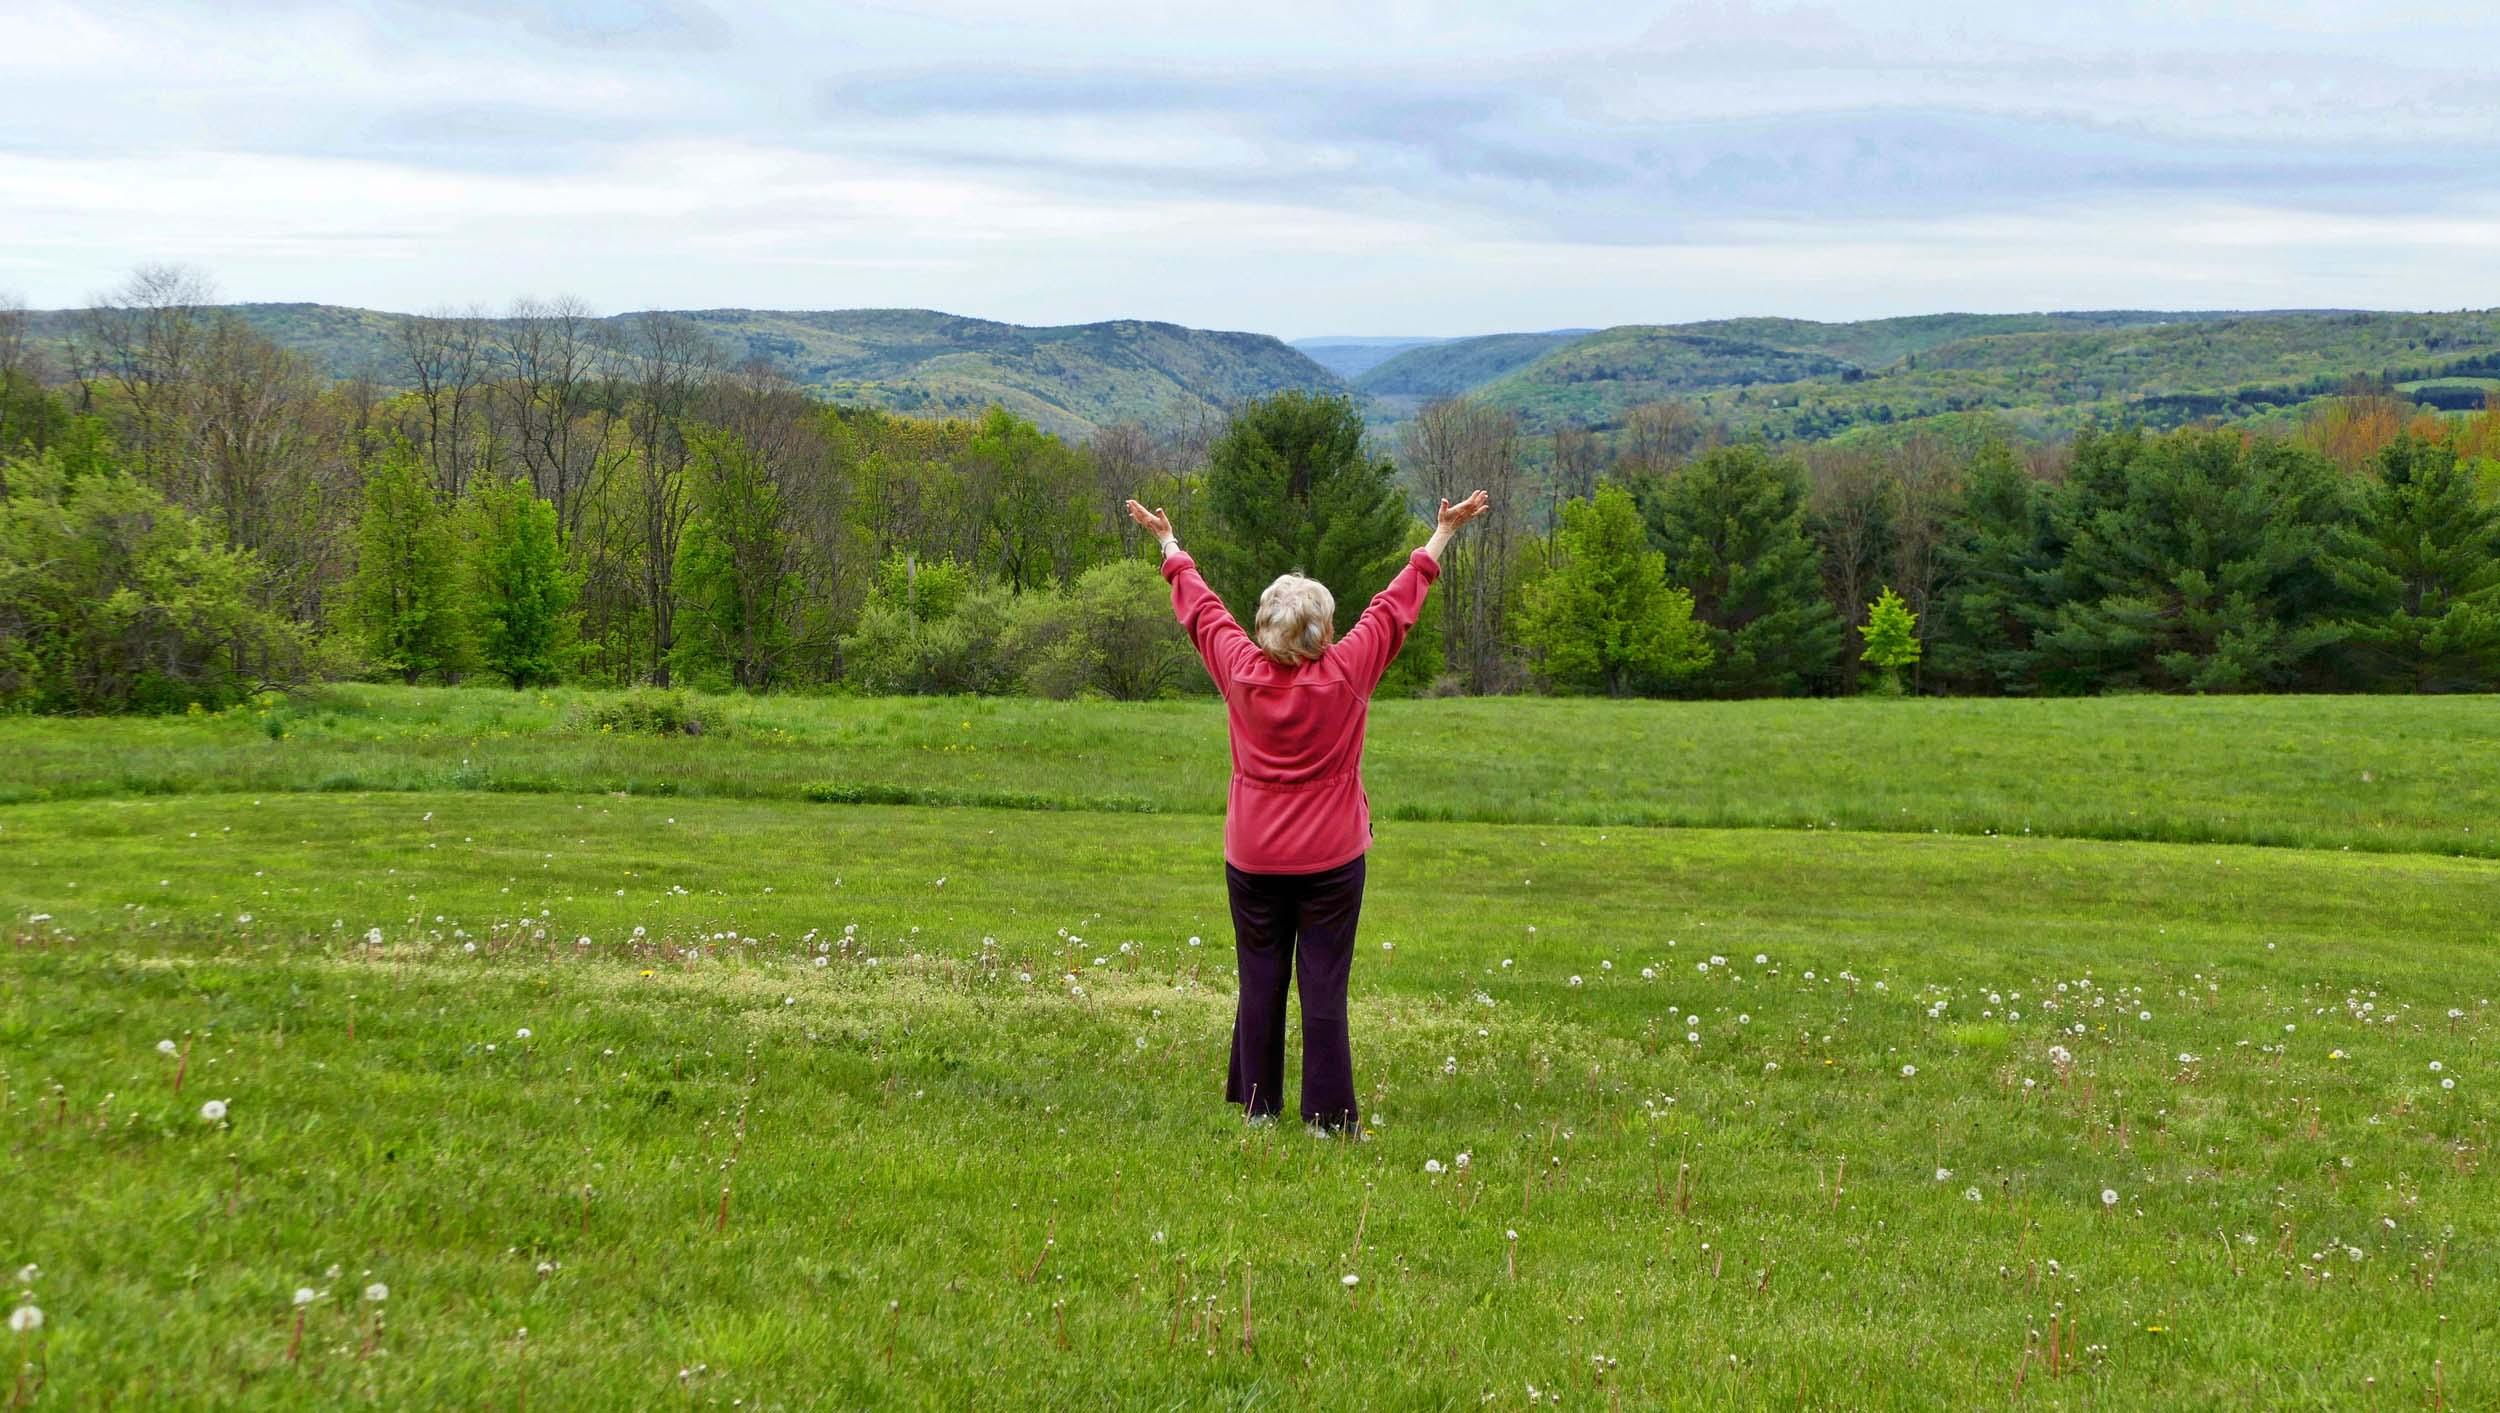 alice mcdowell standing in field